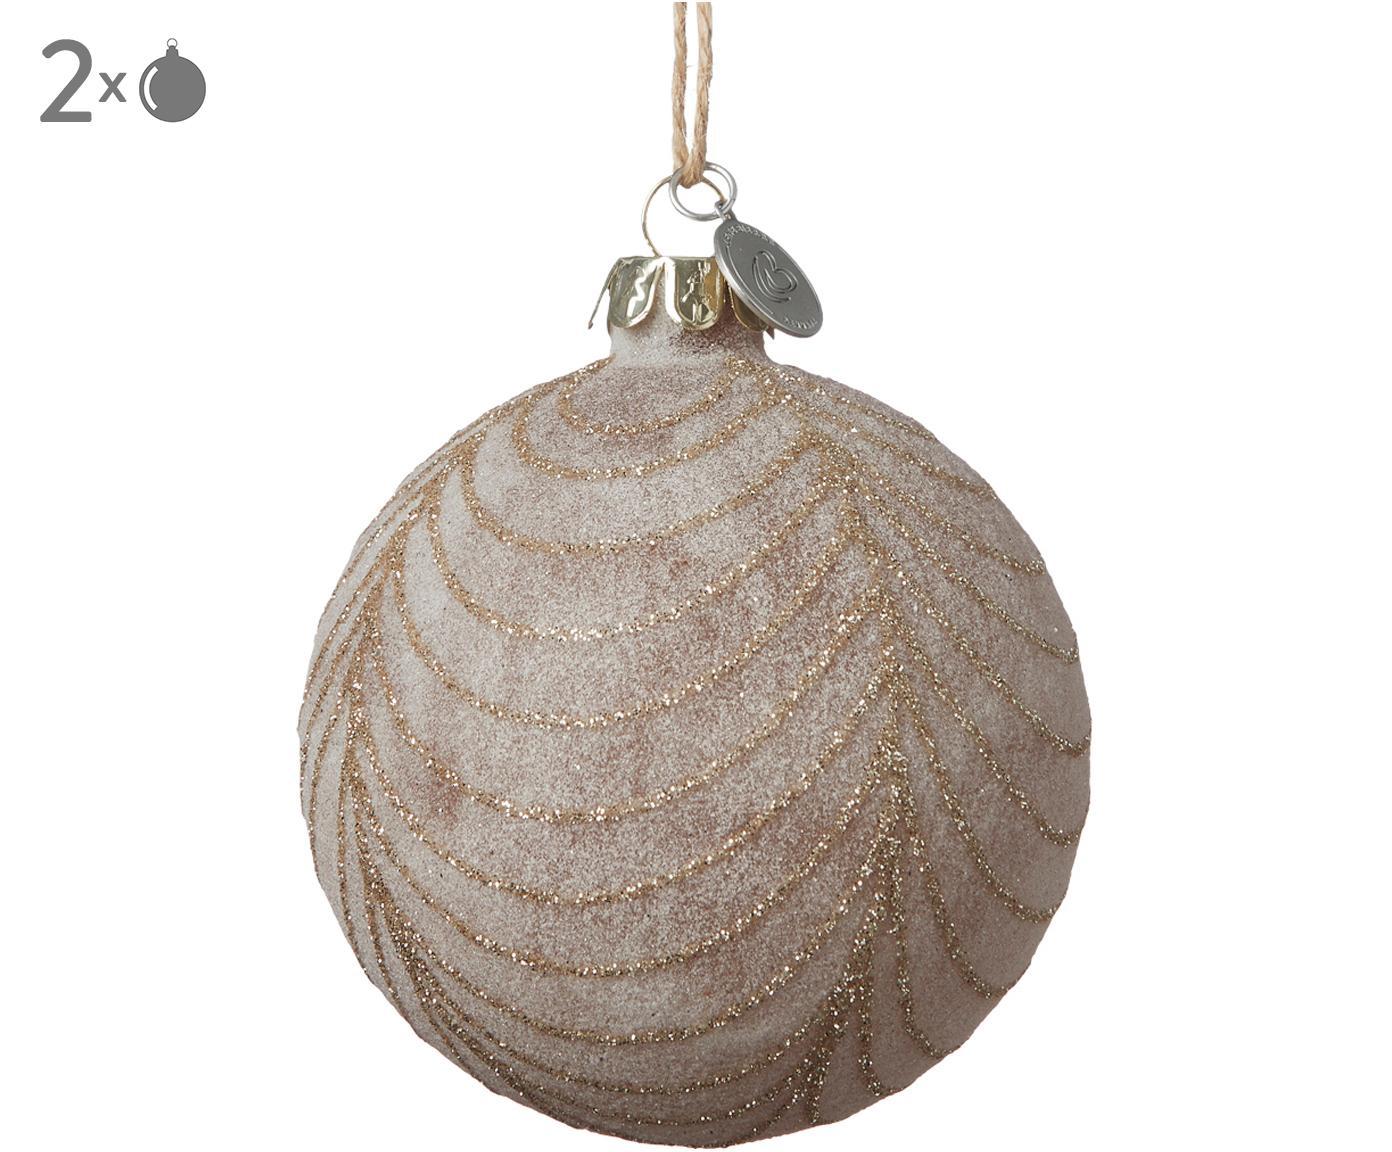 Palle di Natale Frostine, 2 pz., Rosa chiaro, dorato, Ø 8 x Alt. 8 cm